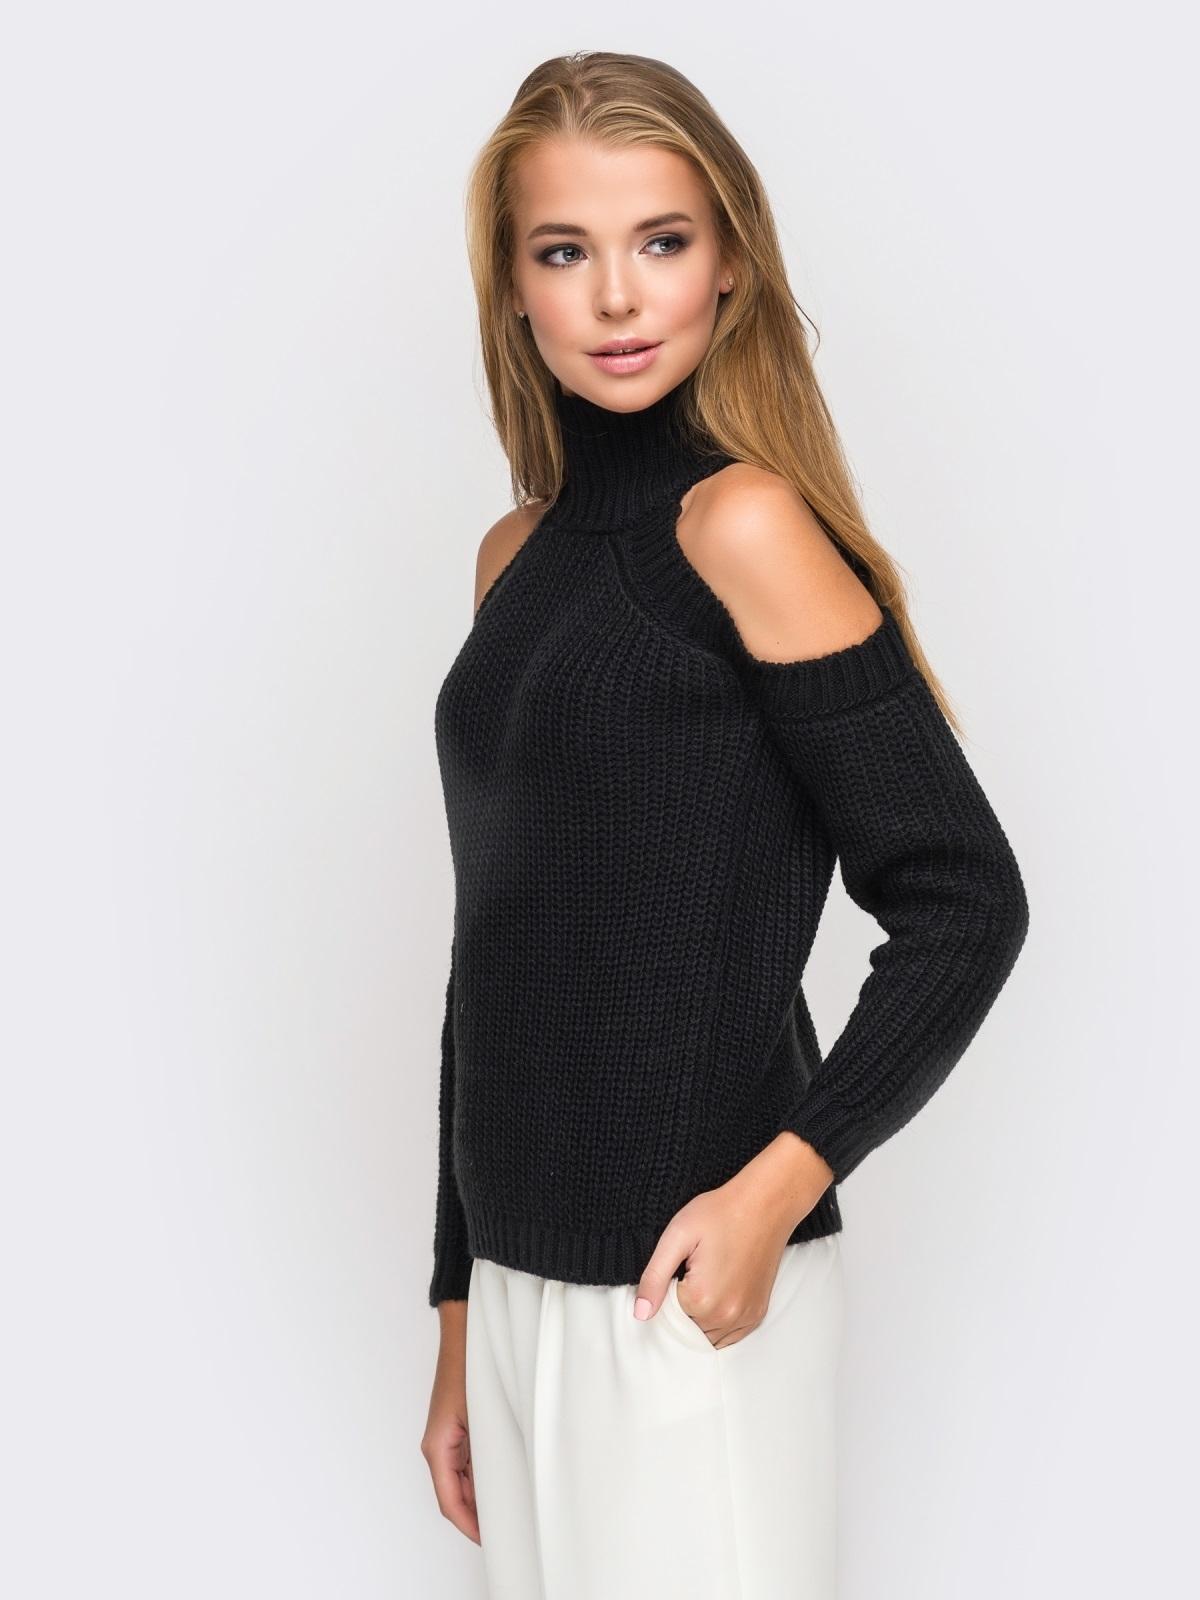 Пуловер с открытыми плечами с доставкой